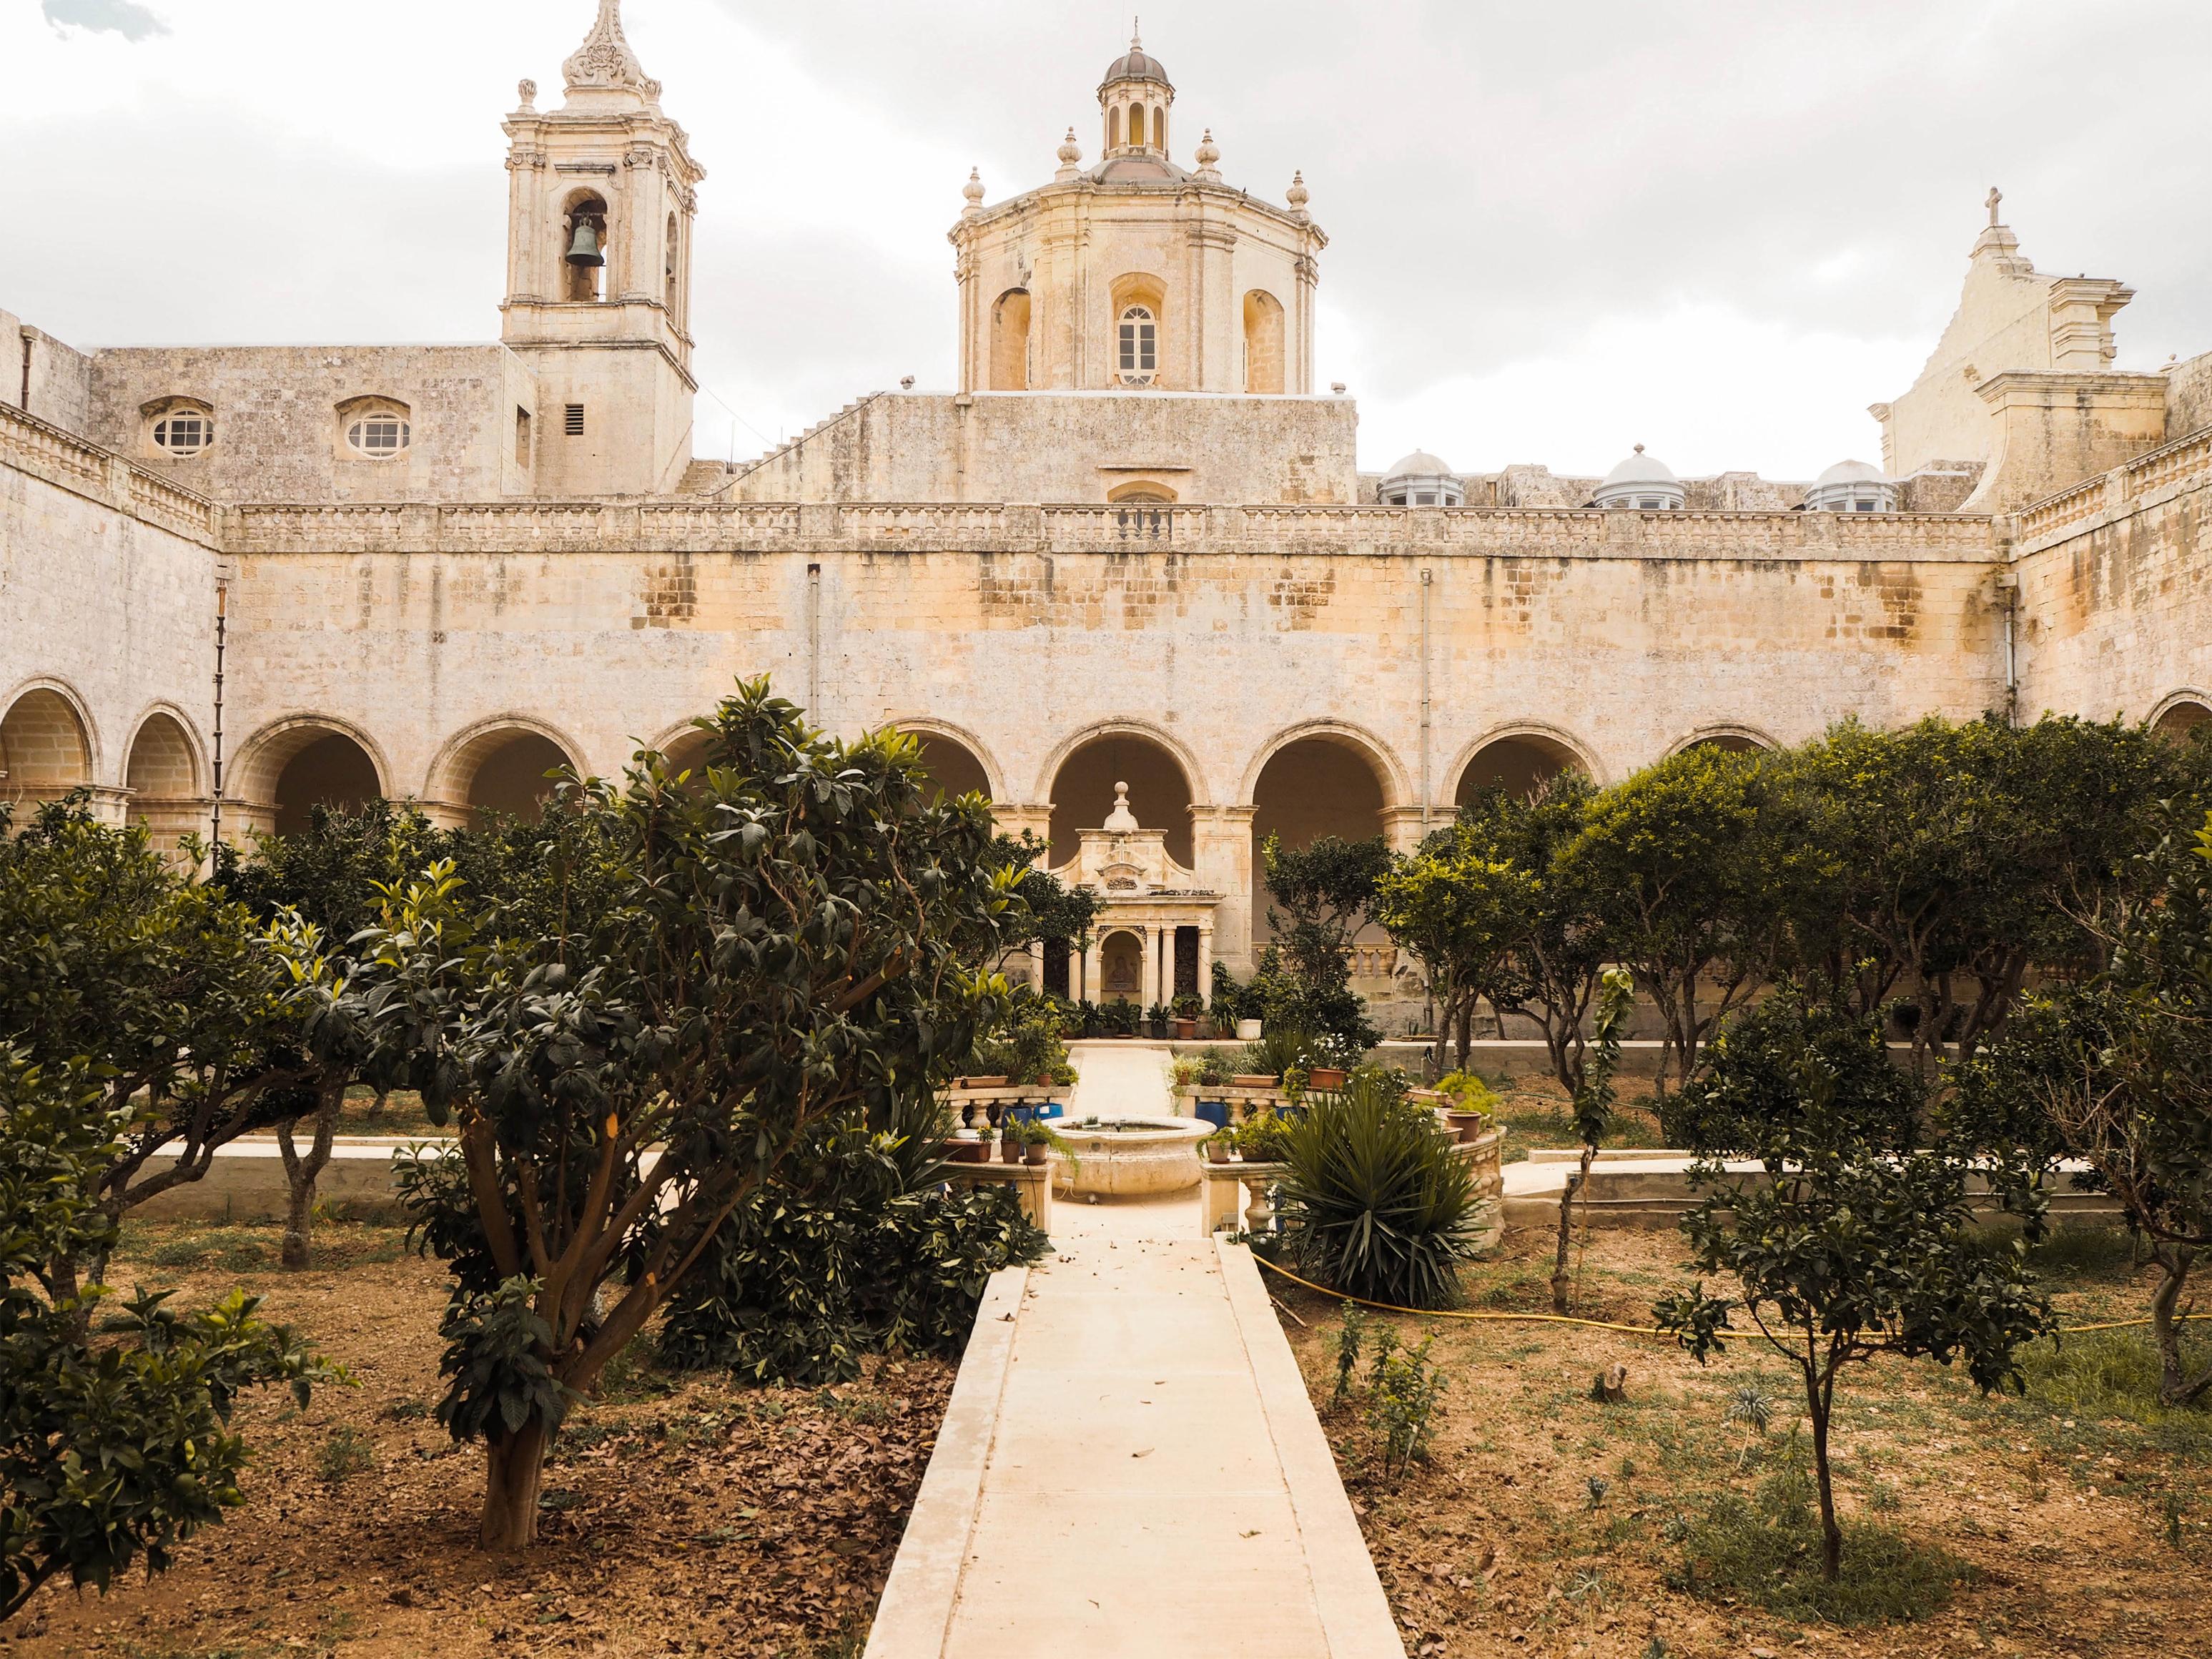 St. Dominic's Convent, Malta